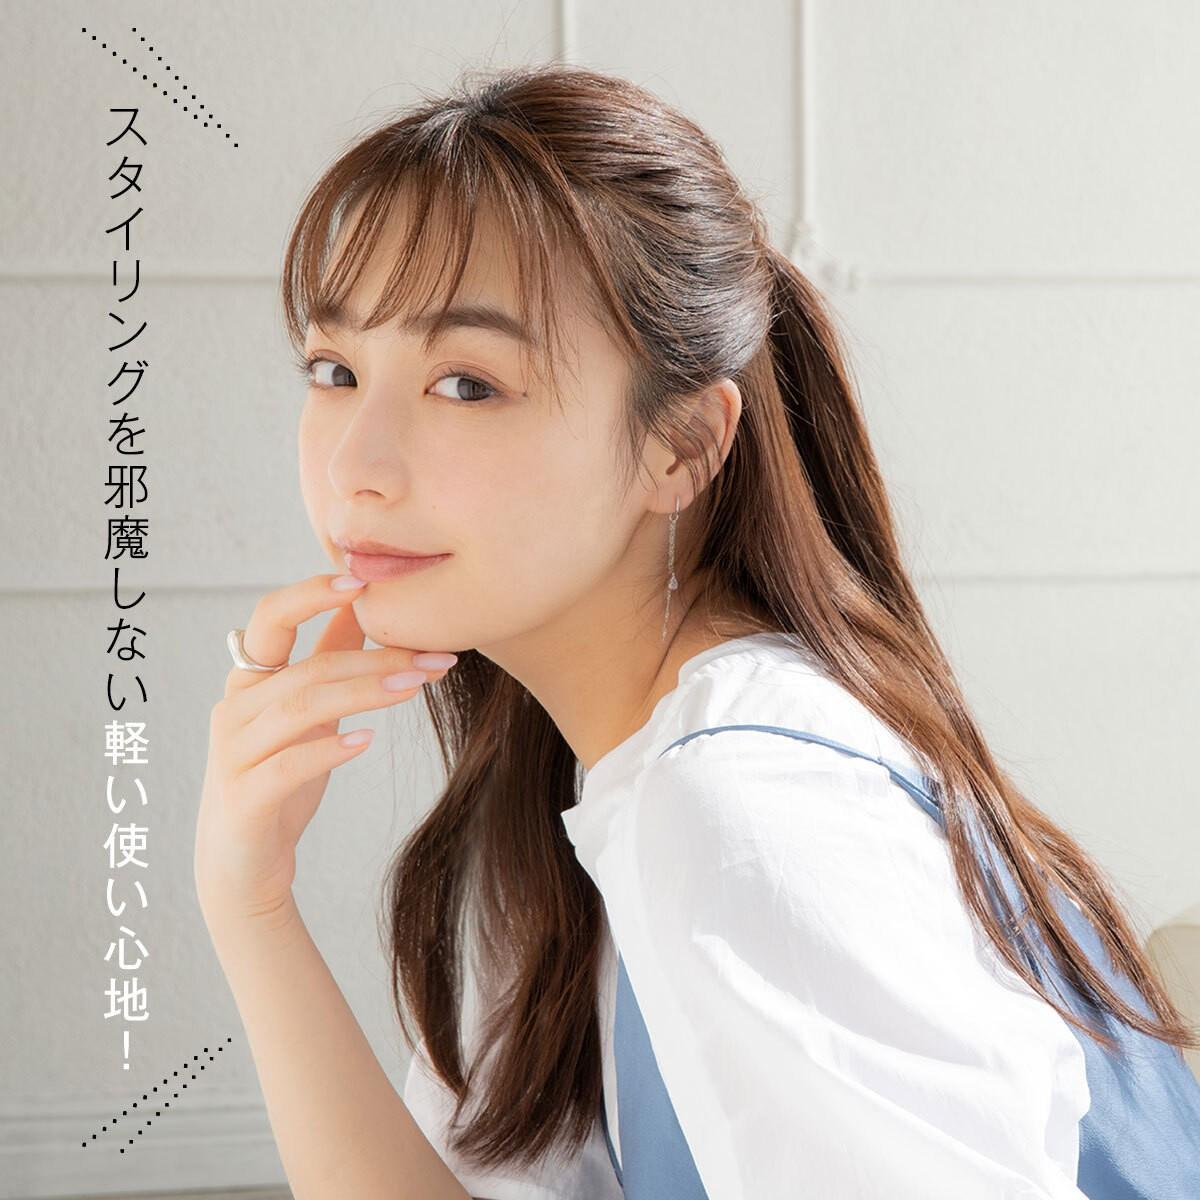 2021年は髪の紫外線ケアがトレンドに。宇垣美里さんも注目!うるツヤ髪が続く新感覚の#髪の日焼け止めオイル_8